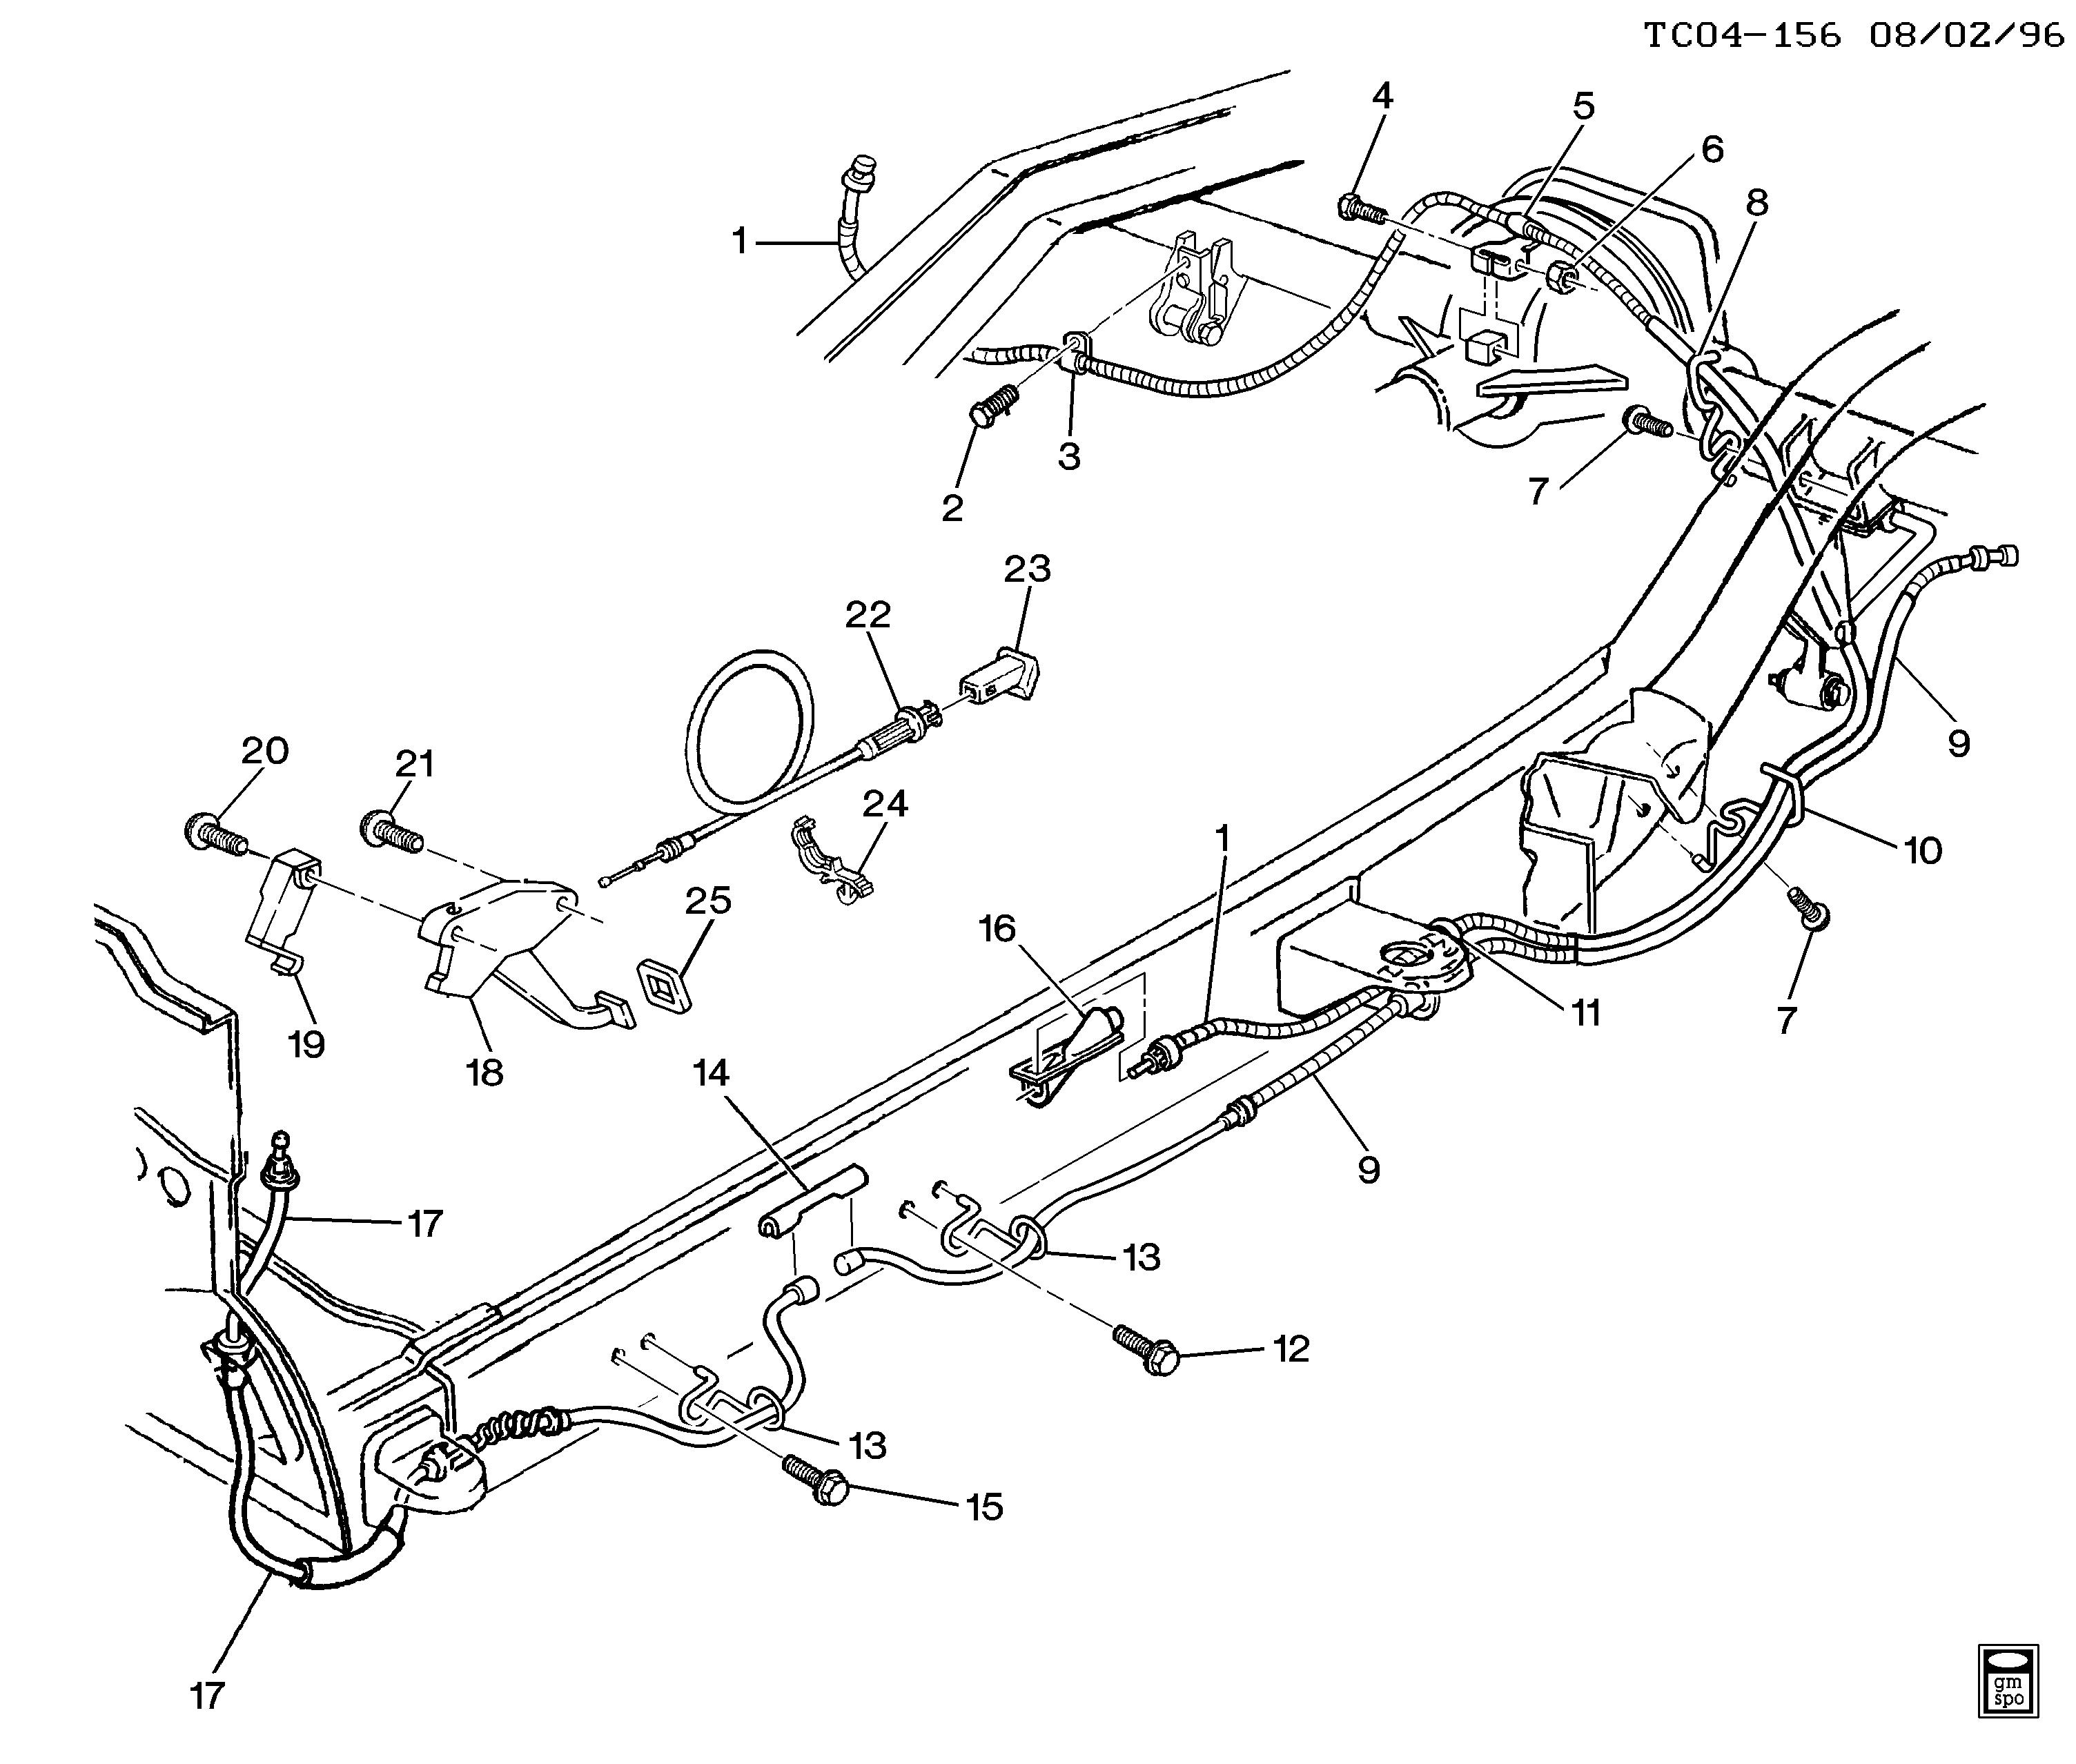 97 Chevy Silverado Wiring Diagram